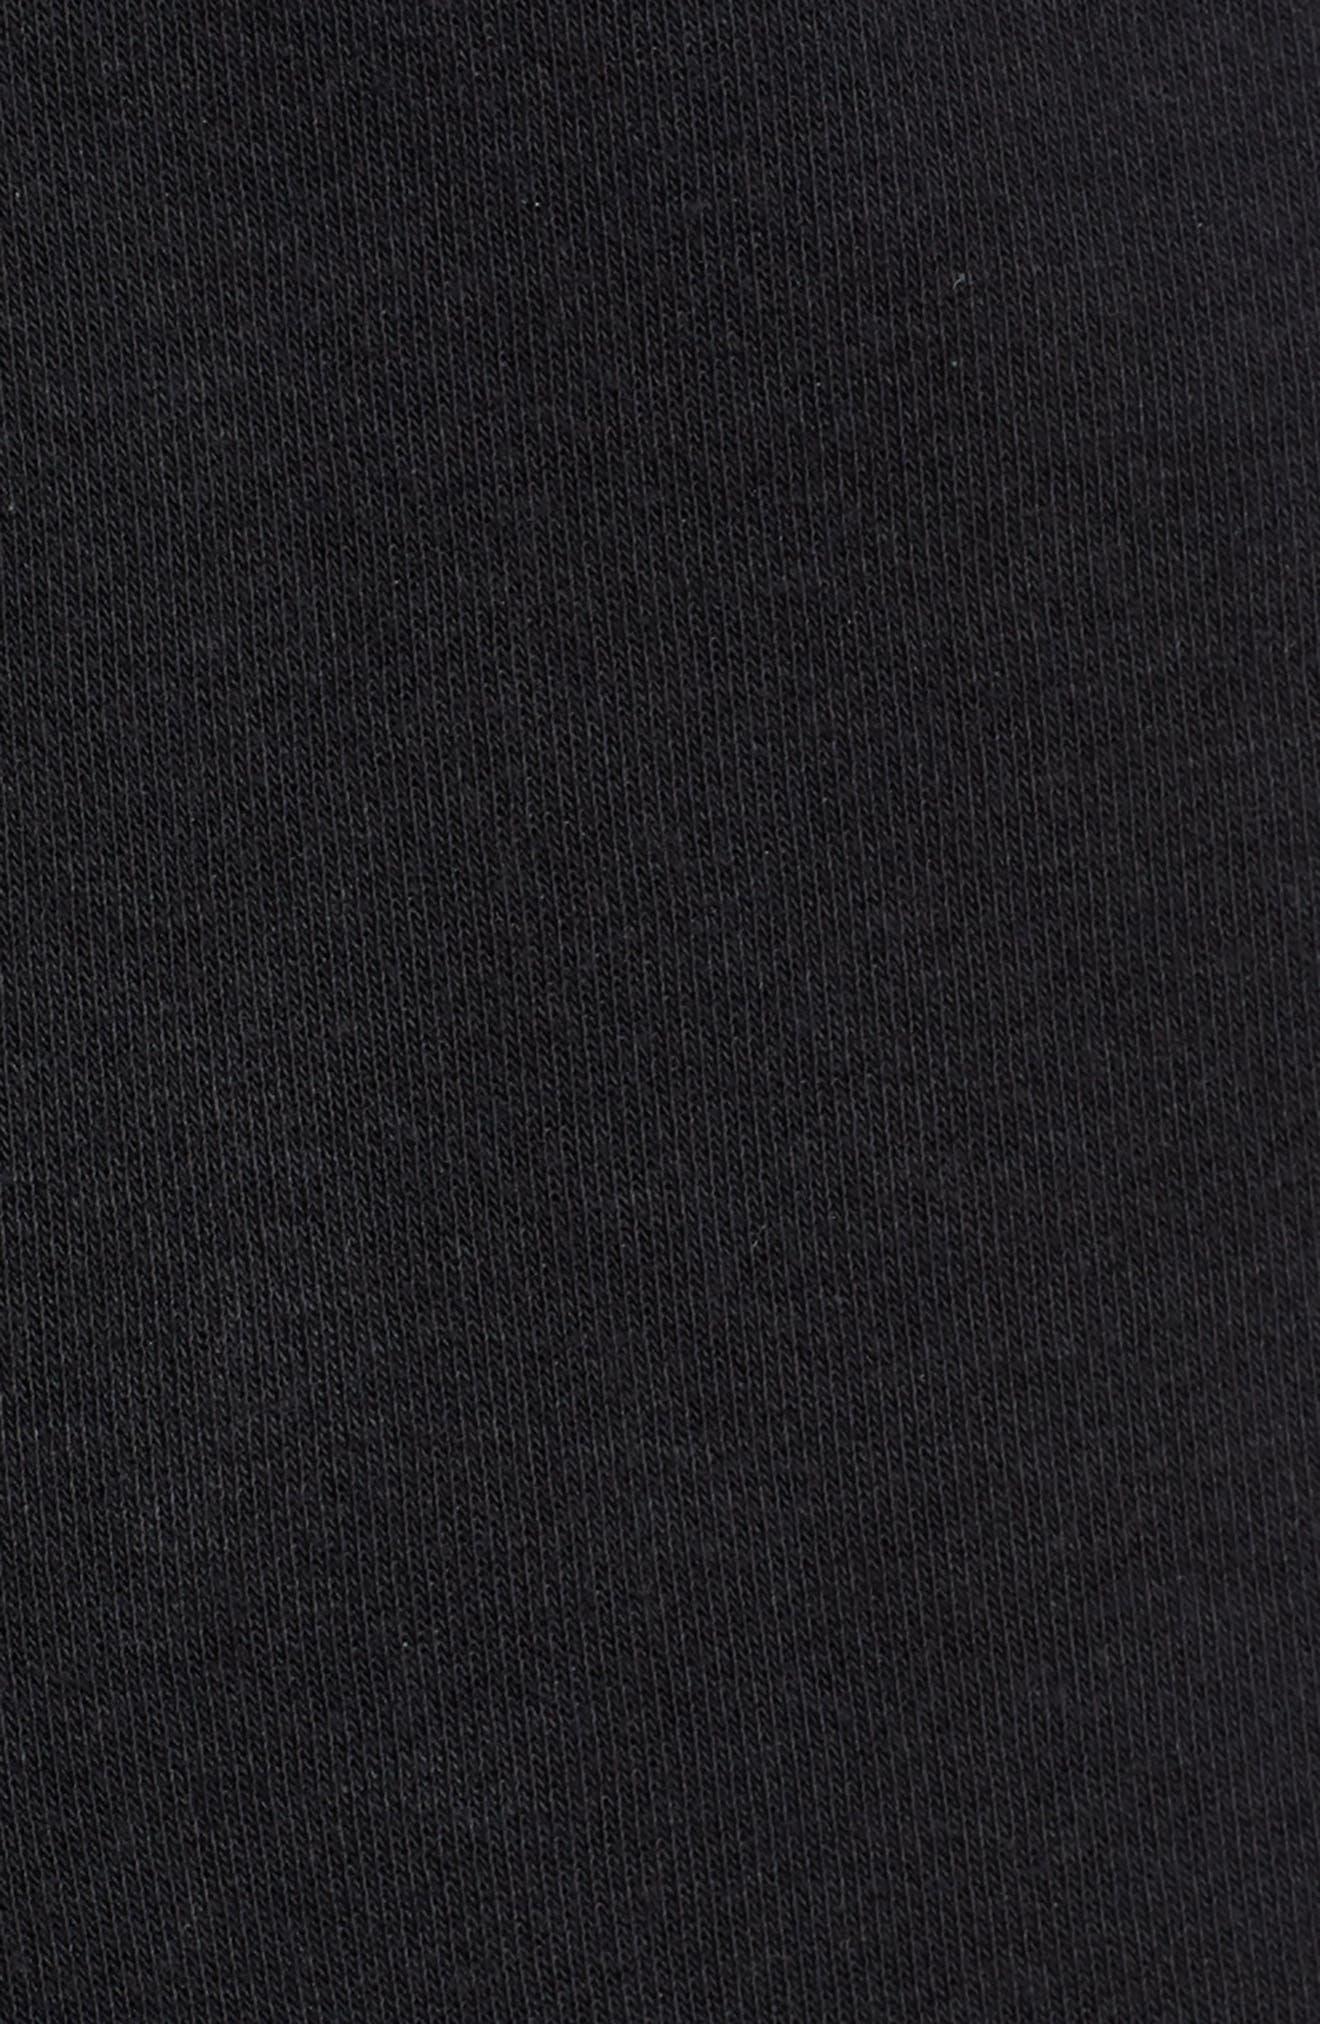 Heritage Knit Shorts,                             Alternate thumbnail 5, color,                             BLACK/ SAIL